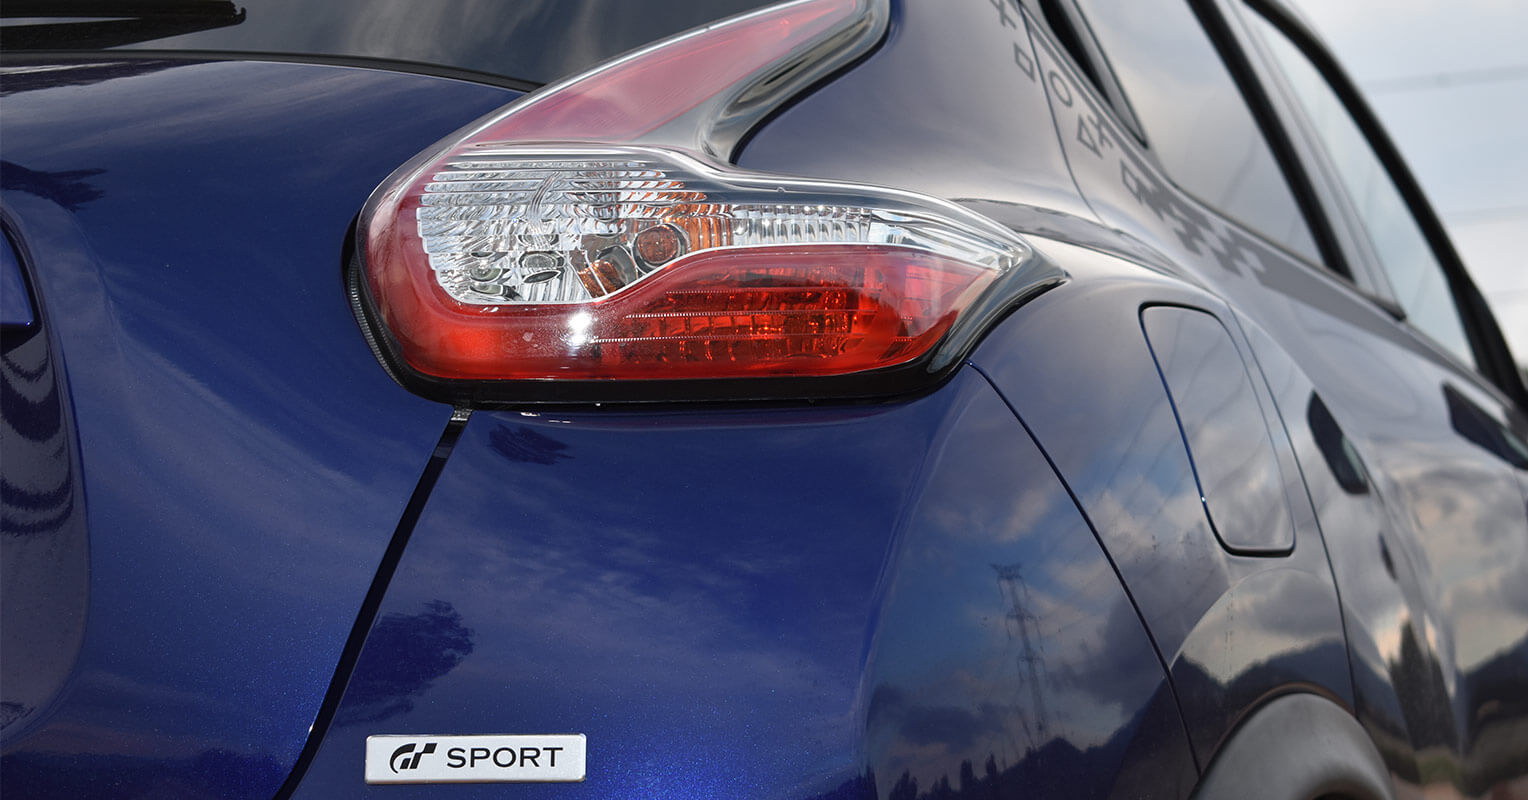 Faro trasero del Nissan Juke